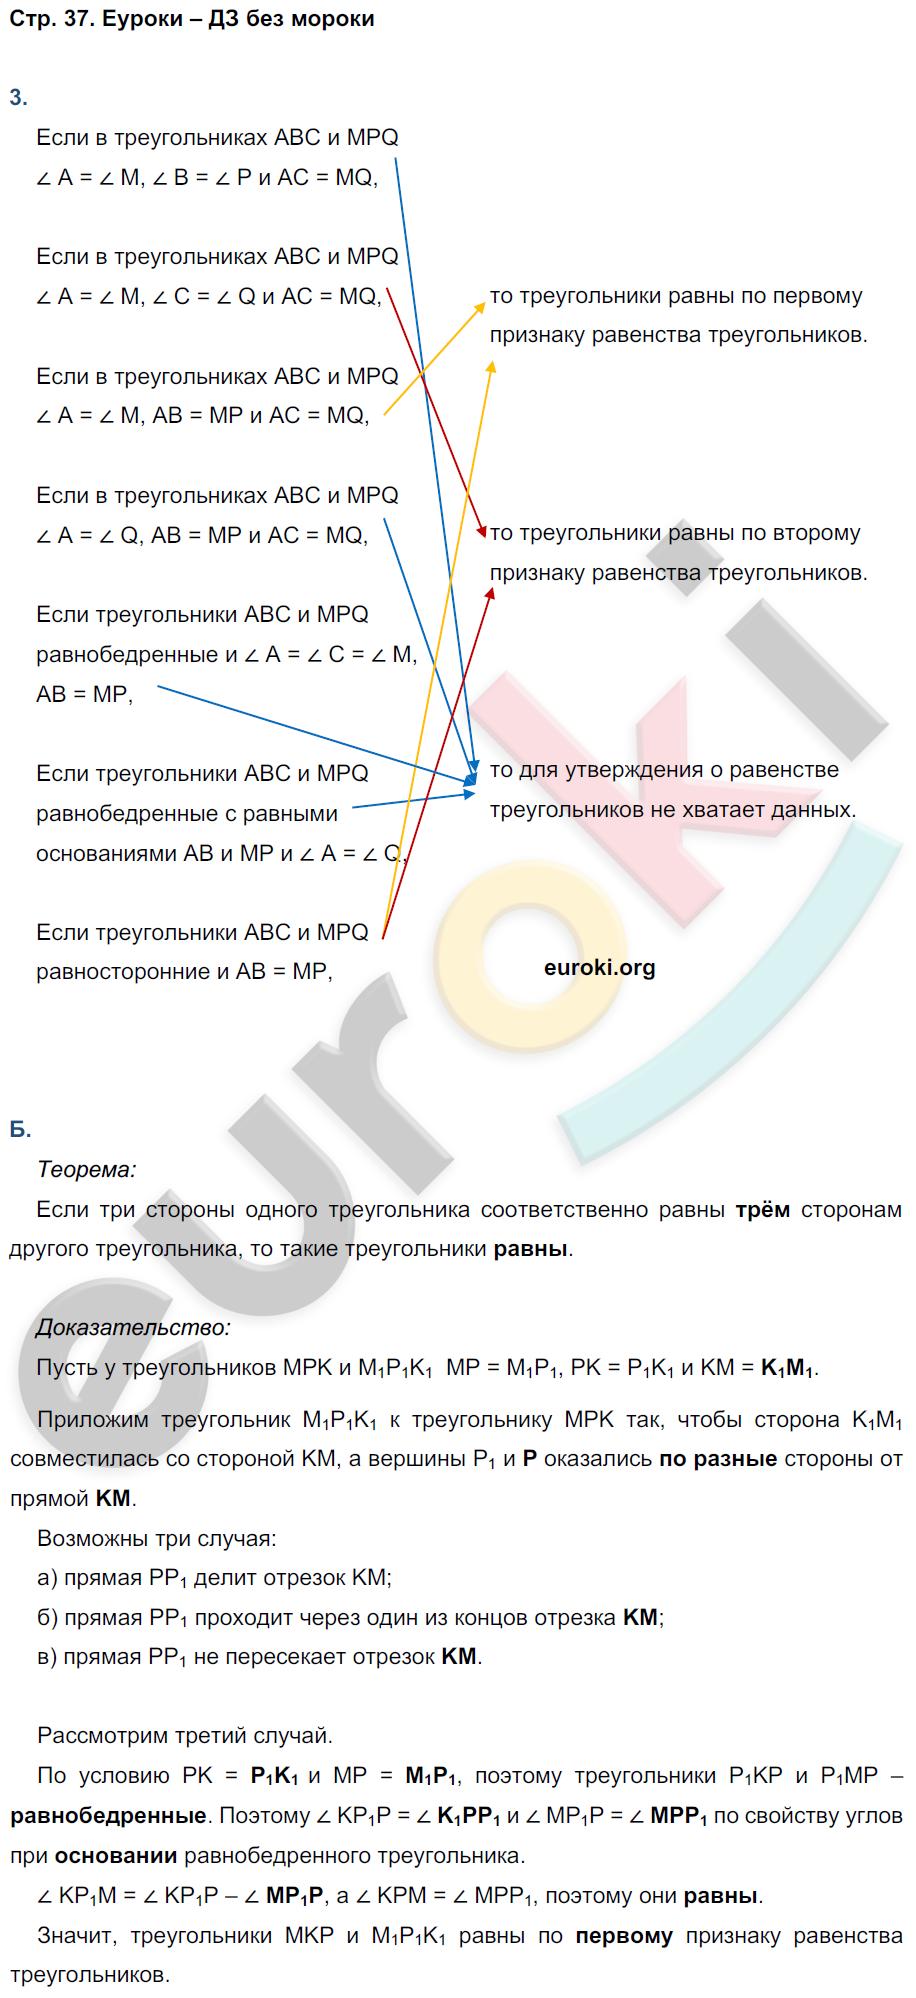 ГДЗ по геометрии 7 класс рабочая тетрадь Глазков, Камаев. К учебнику Атанасяна. Задание: стр. 37